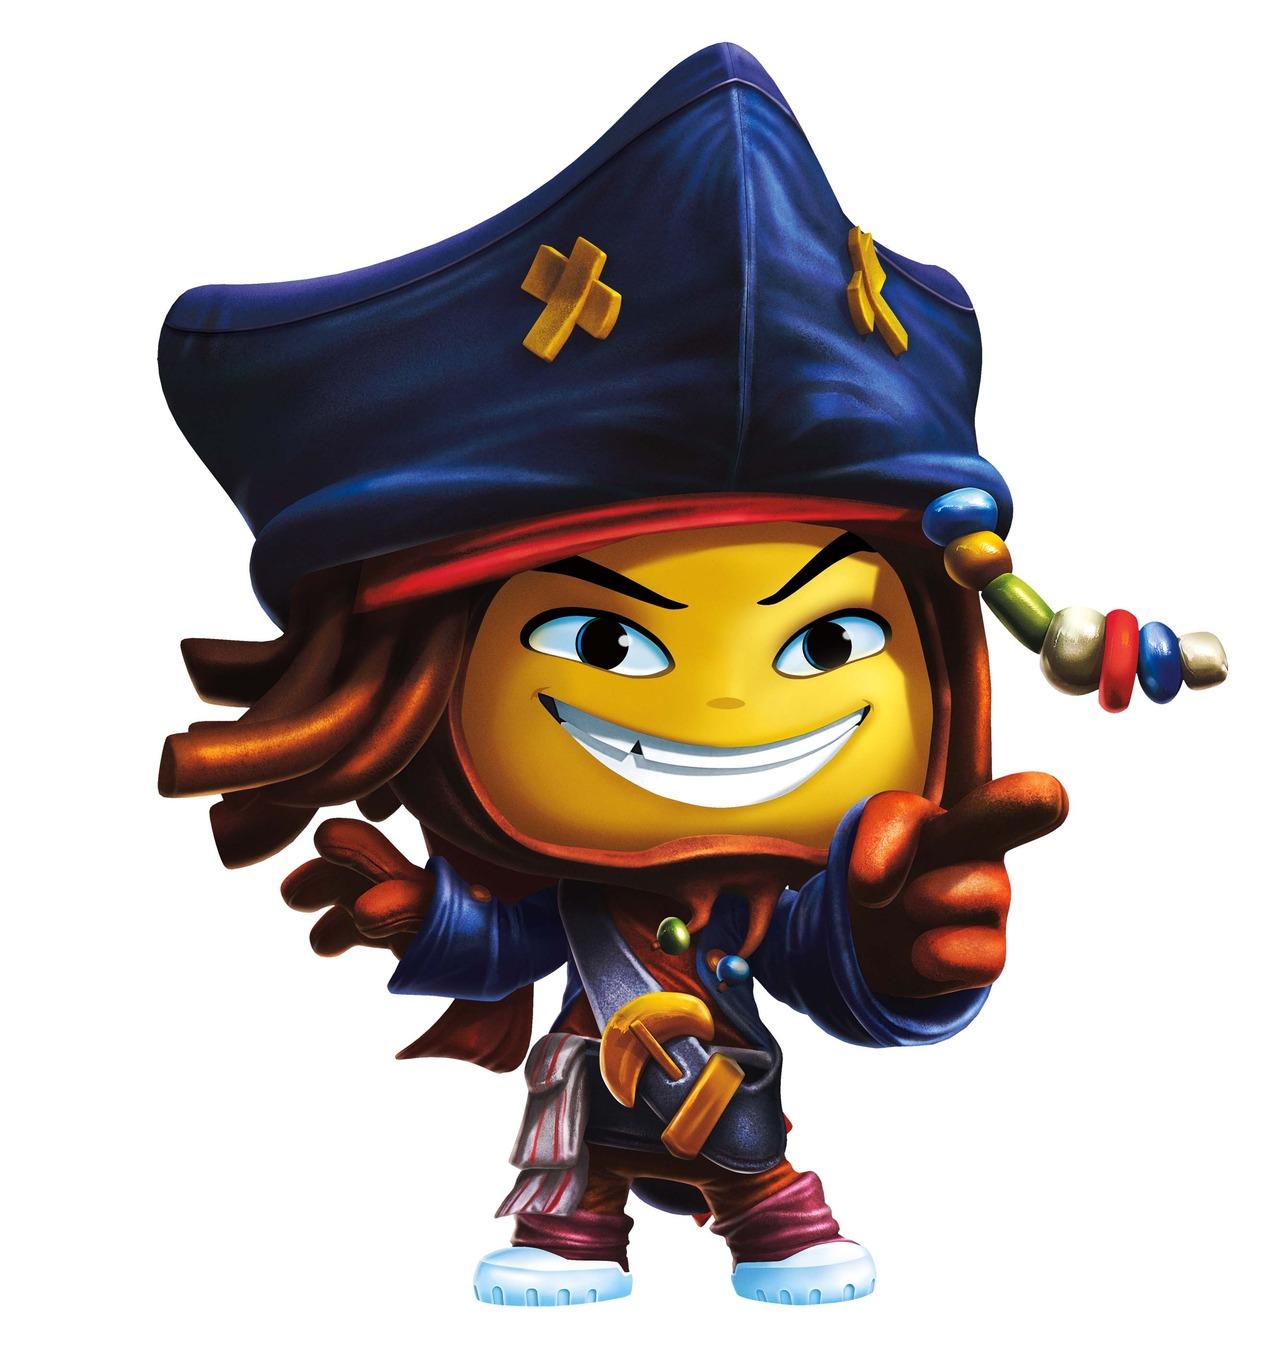 Piráti karibiku doplnia postavy a prostredia z filmov alica v krajine